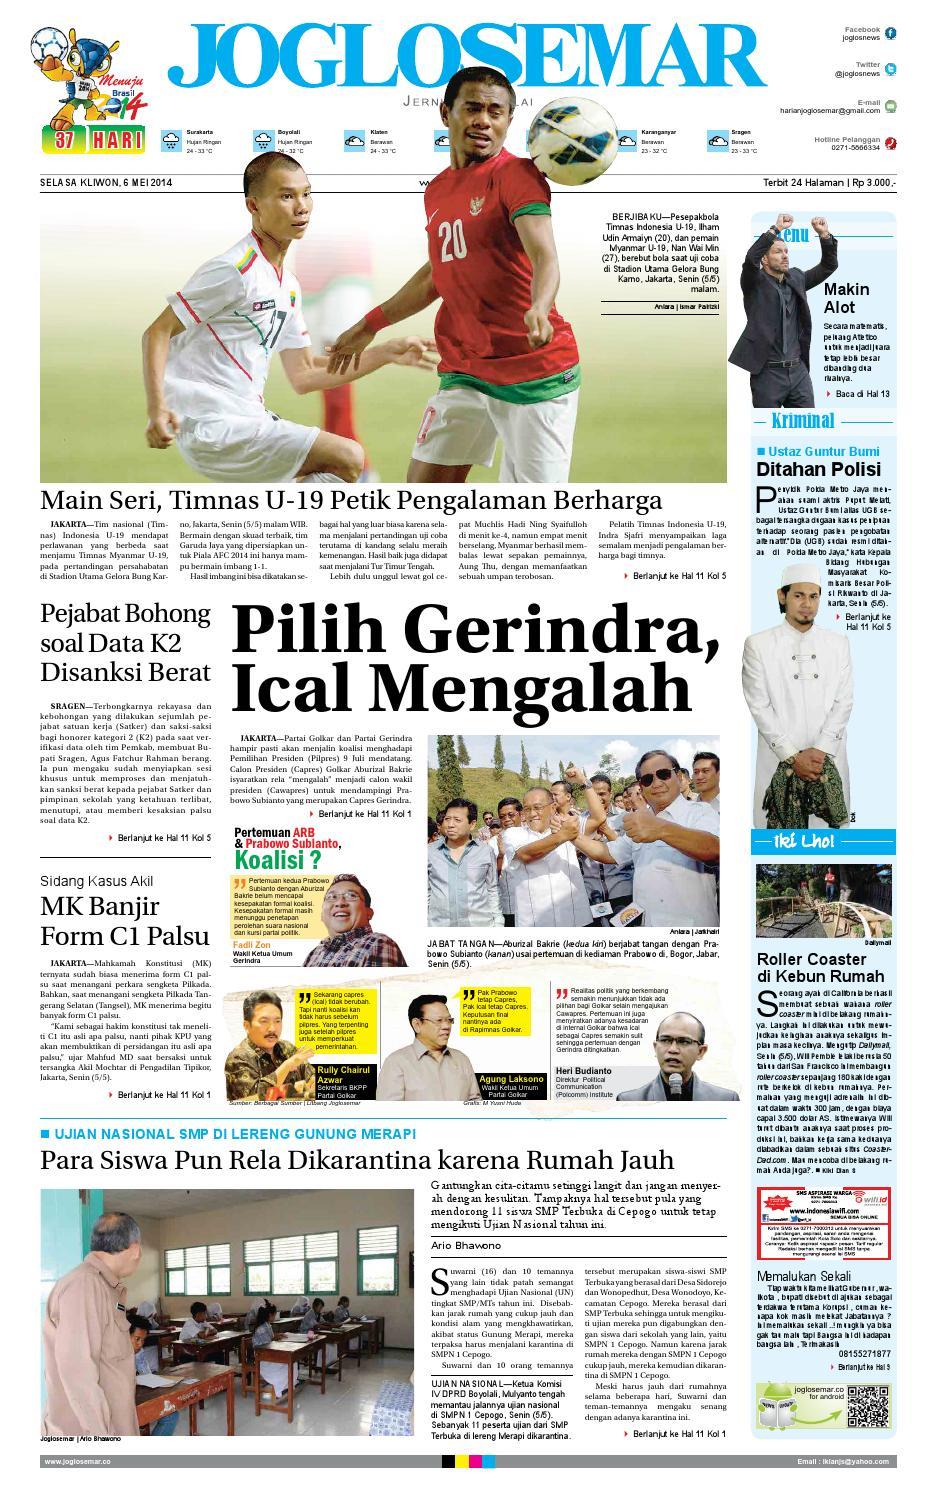 Epaper Edisi 06 Mei 2014 By Pt Joglosemar Prima Media Issuu Produk Ukm Bumn Dress Gamis Batik Motif Ayam Bekisar